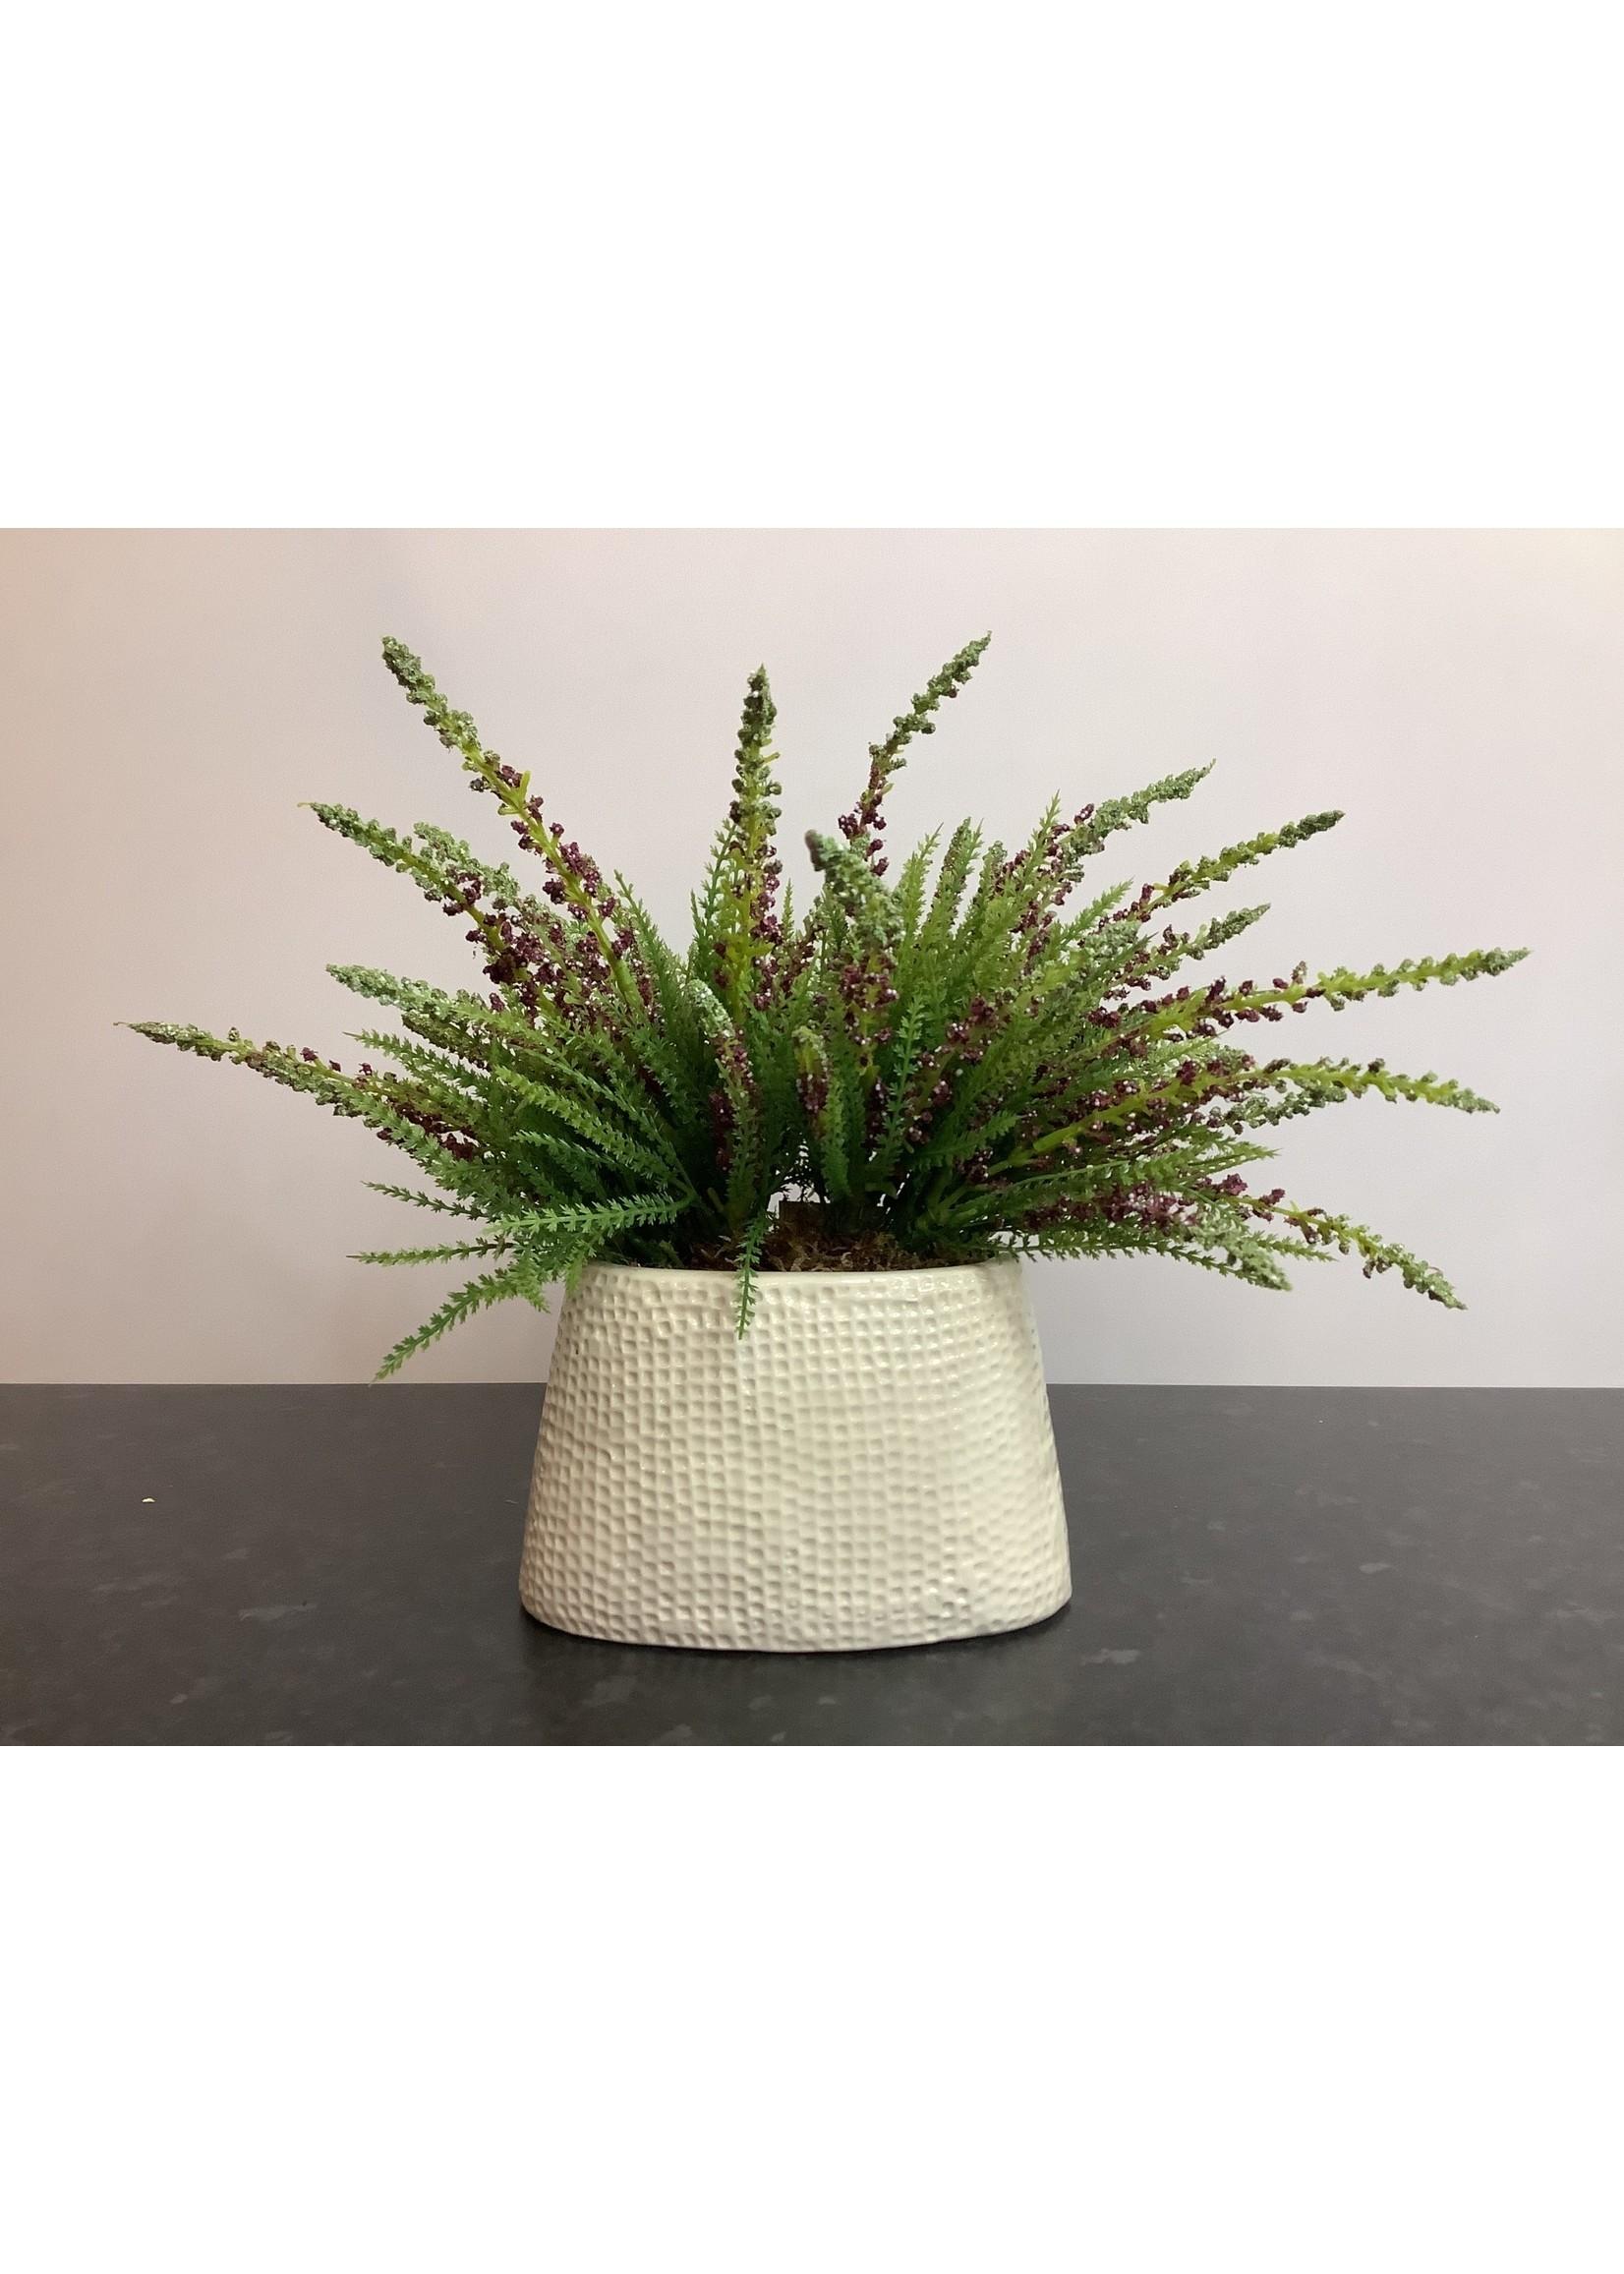 Heather in ceramic vase purple 16x25cm